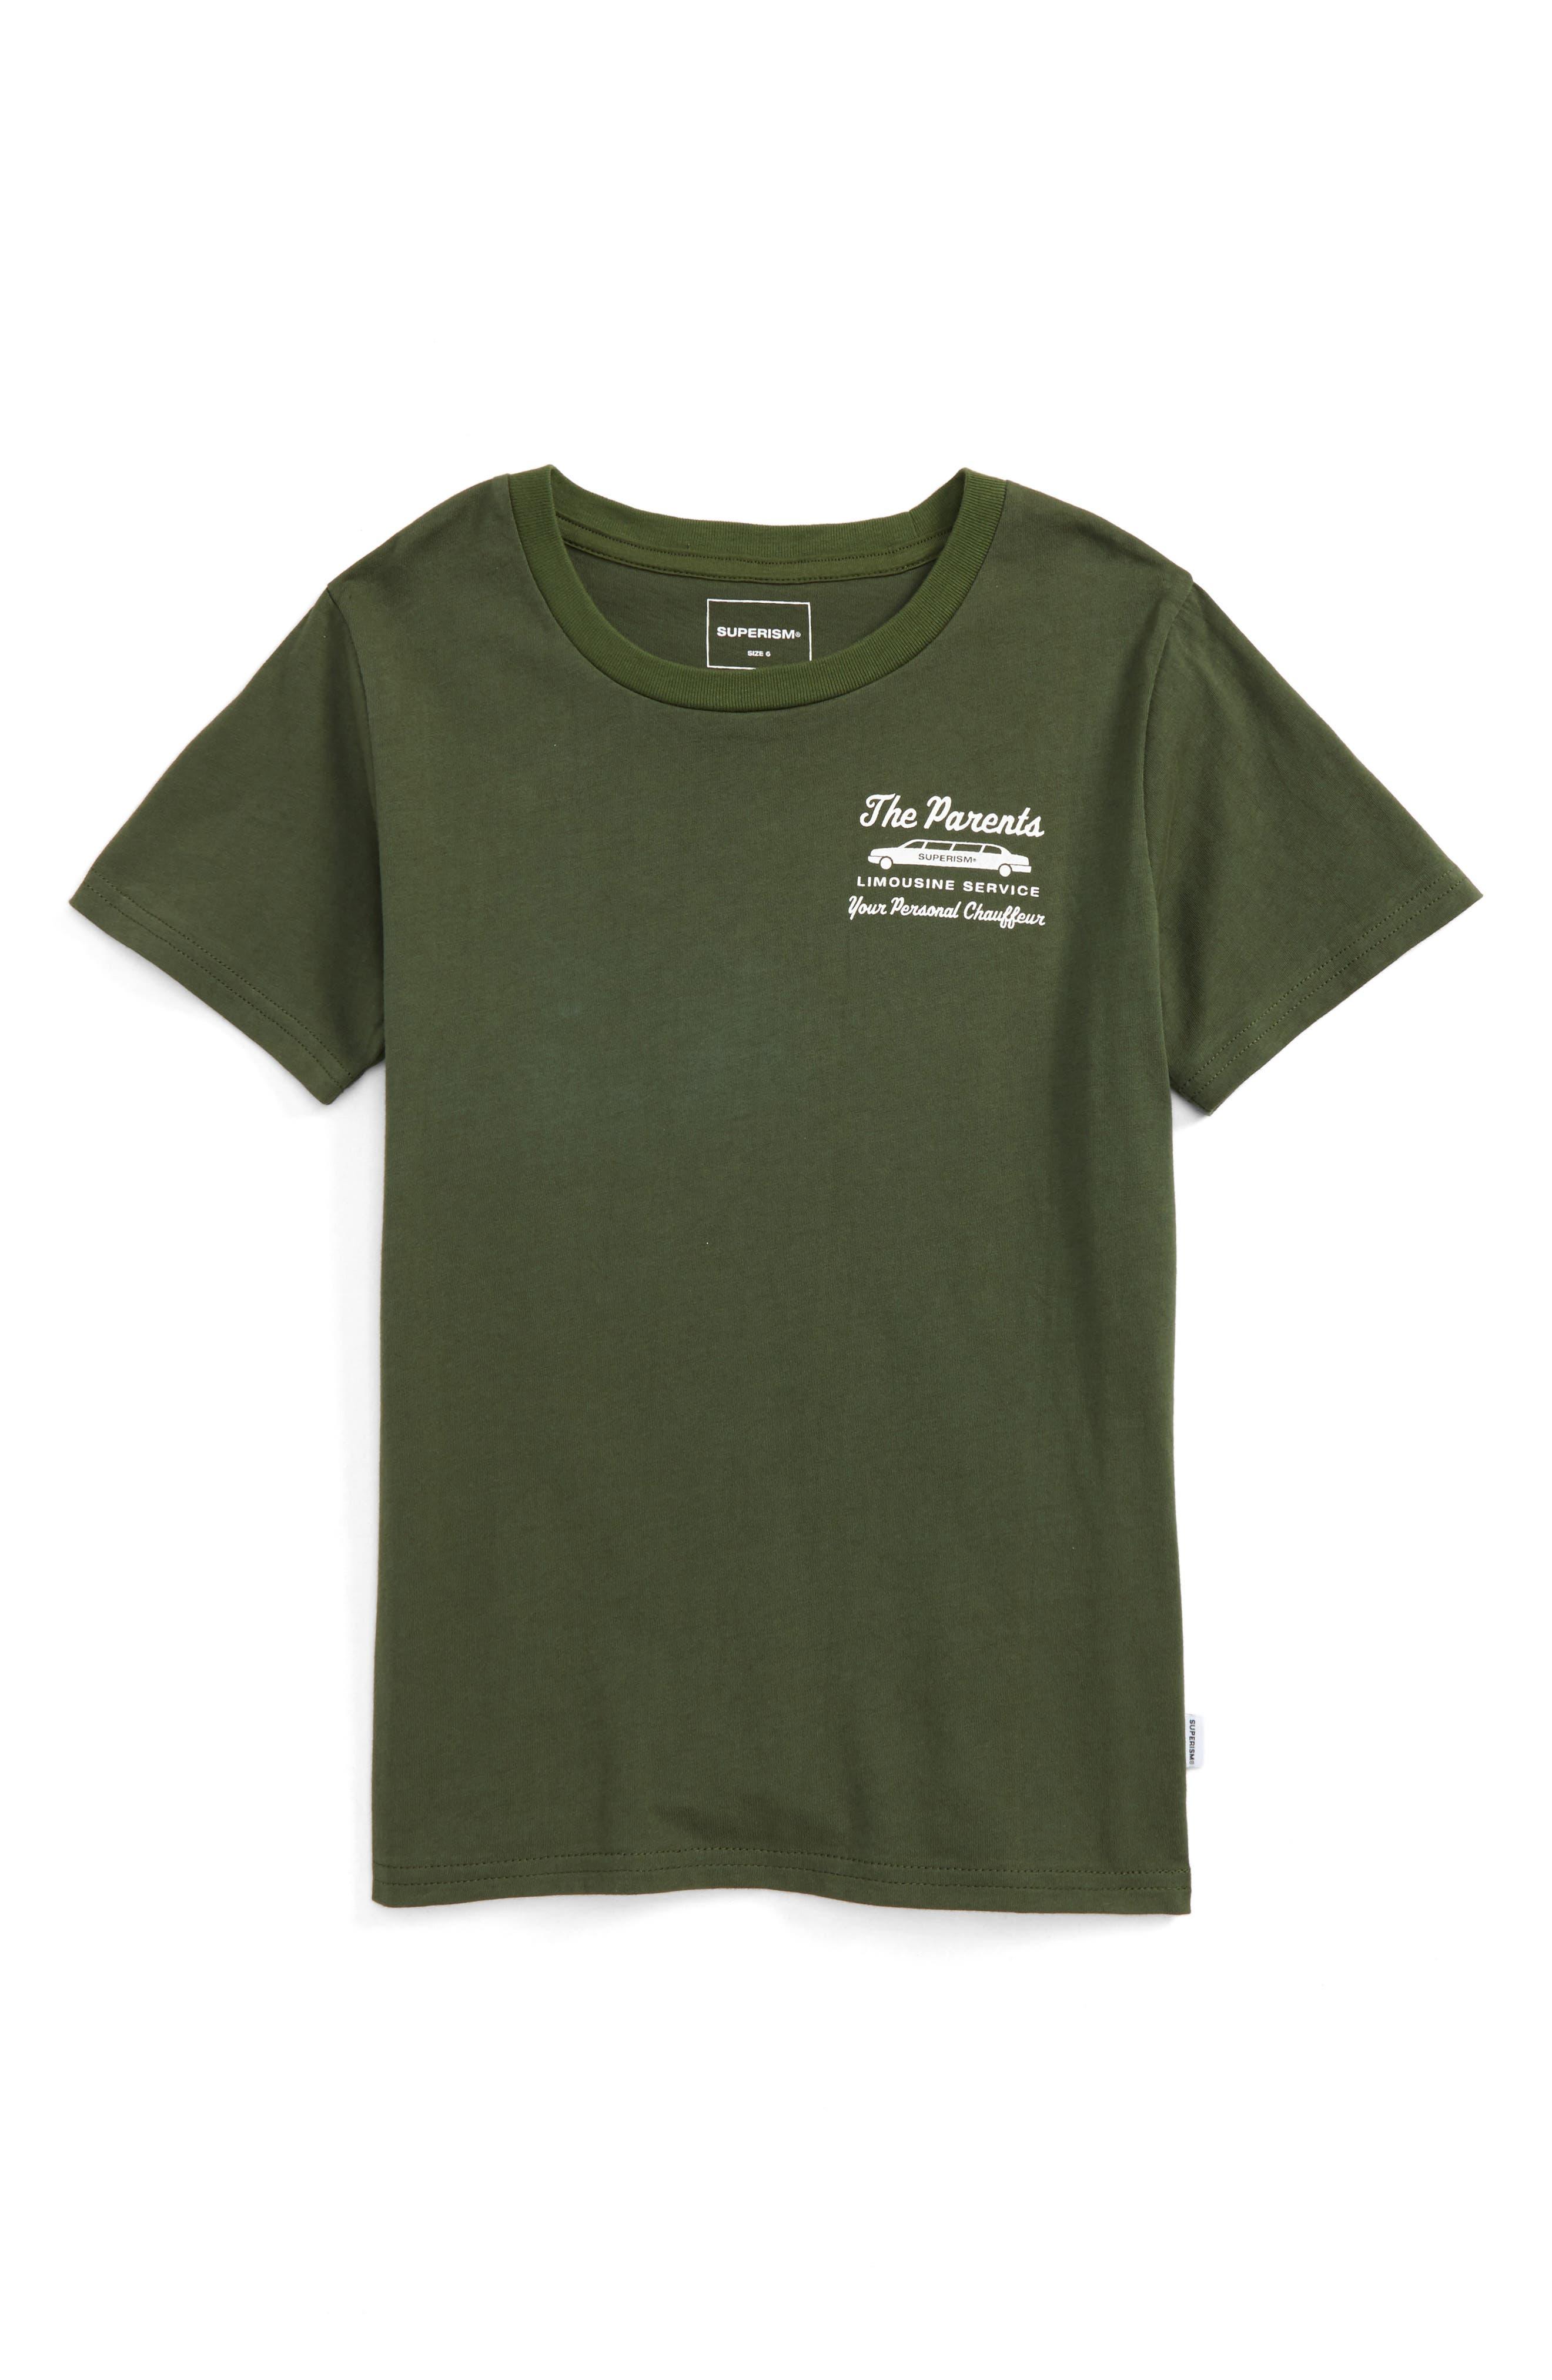 The Parents Limousine Service T-Shirt,                         Main,                         color, 300